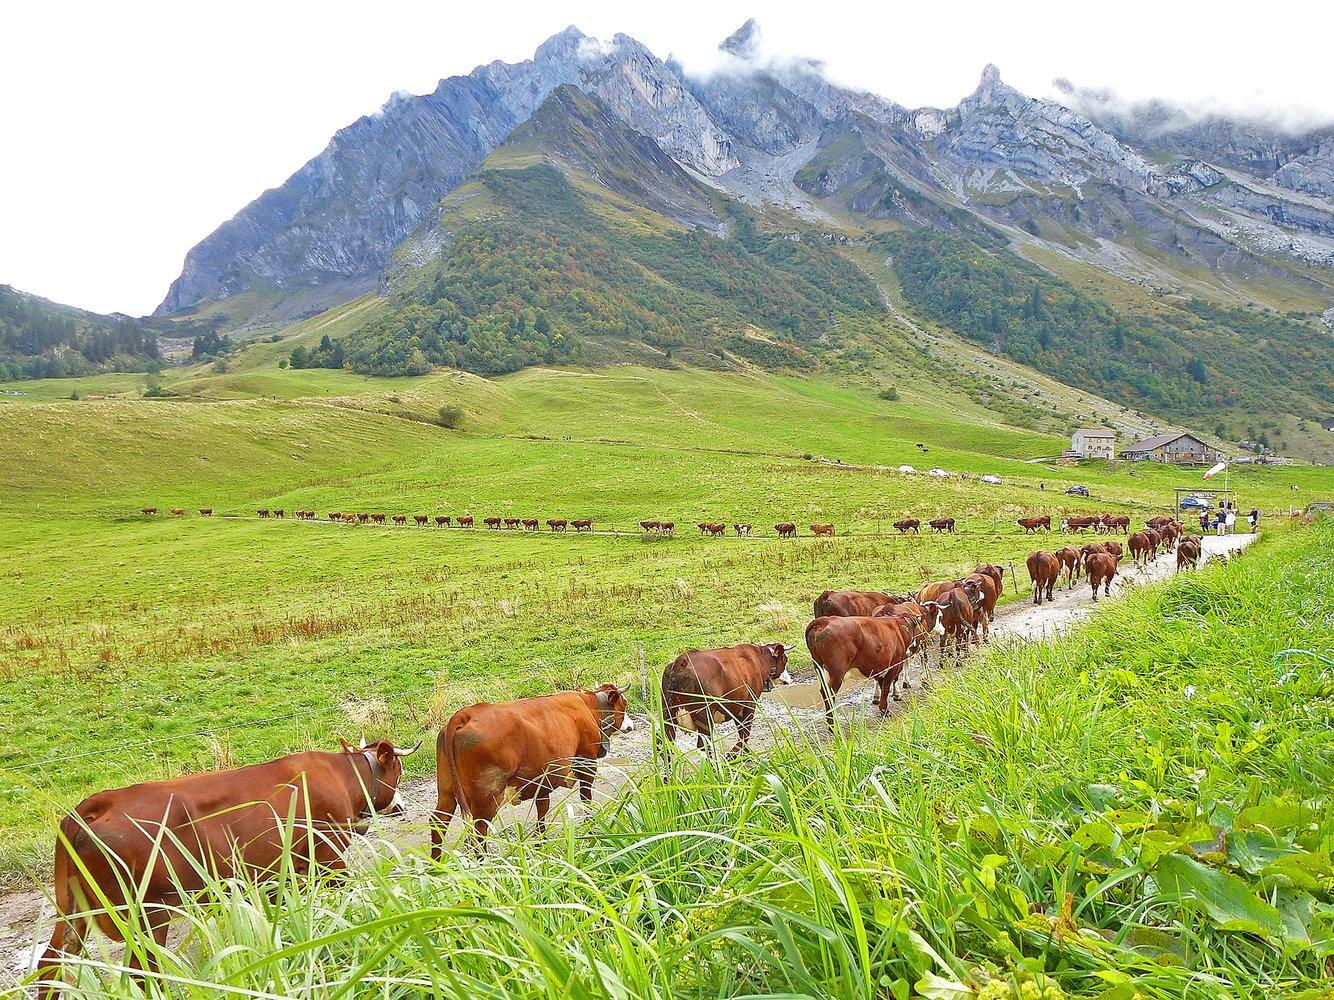 Prema istraživanju MSA-e, prosječni prihod poljoprivrednika je oko 1.250 eura mjesečno. No, jedna trećina poljoprivrednika zarađuje manje od 350 eura mjesečno.